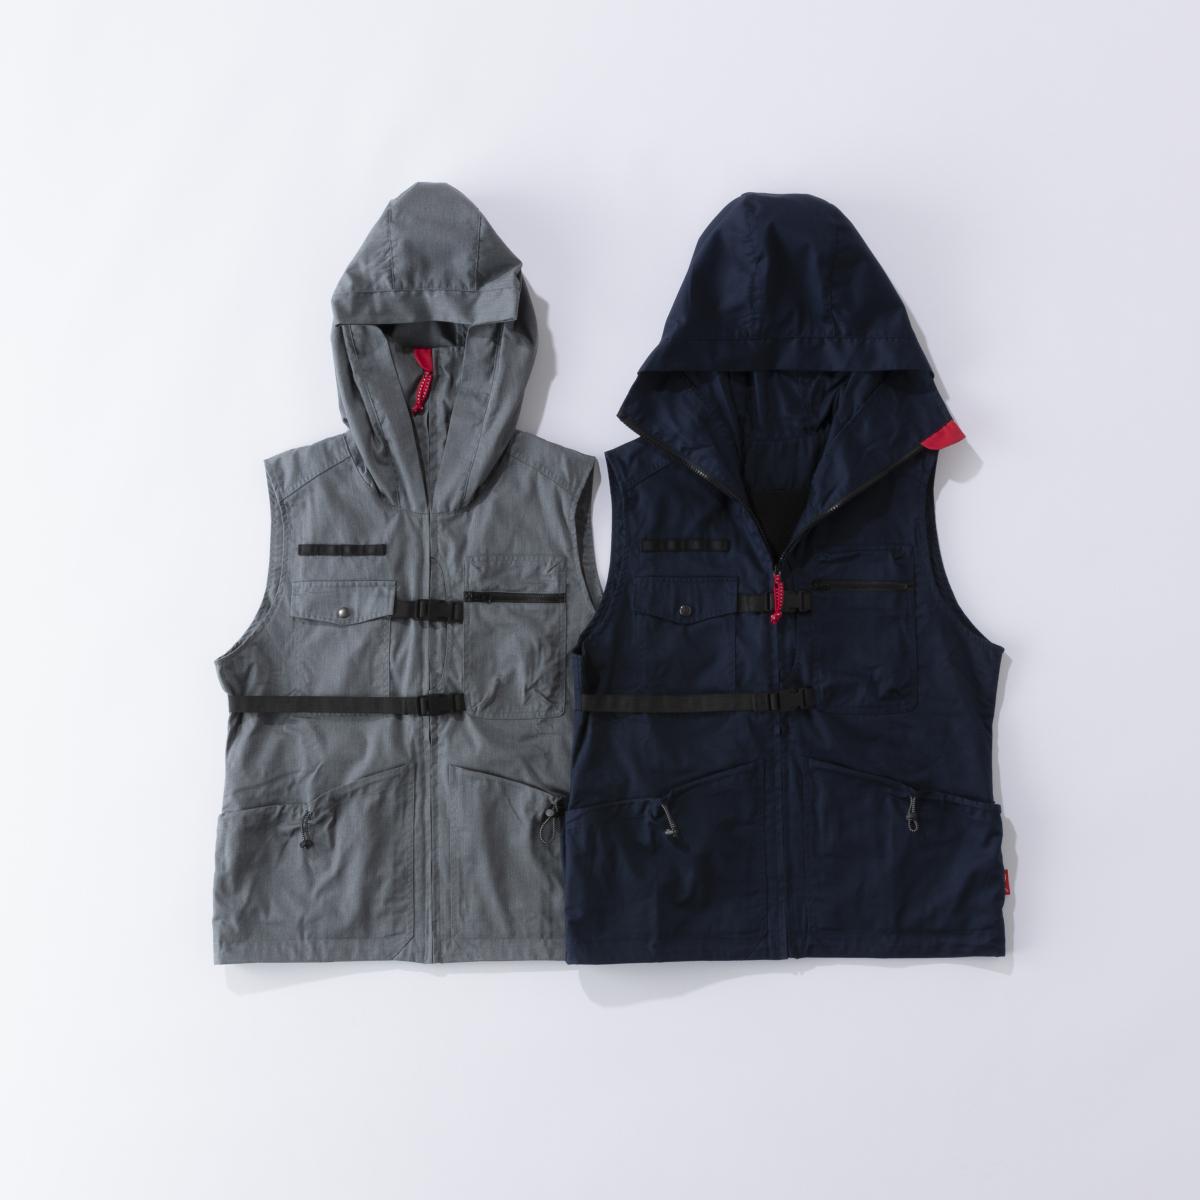 国崎信江さん/着て持ち運ぶ「防災ベスト」を考案。無理せずできる「ついで防災」も啓蒙